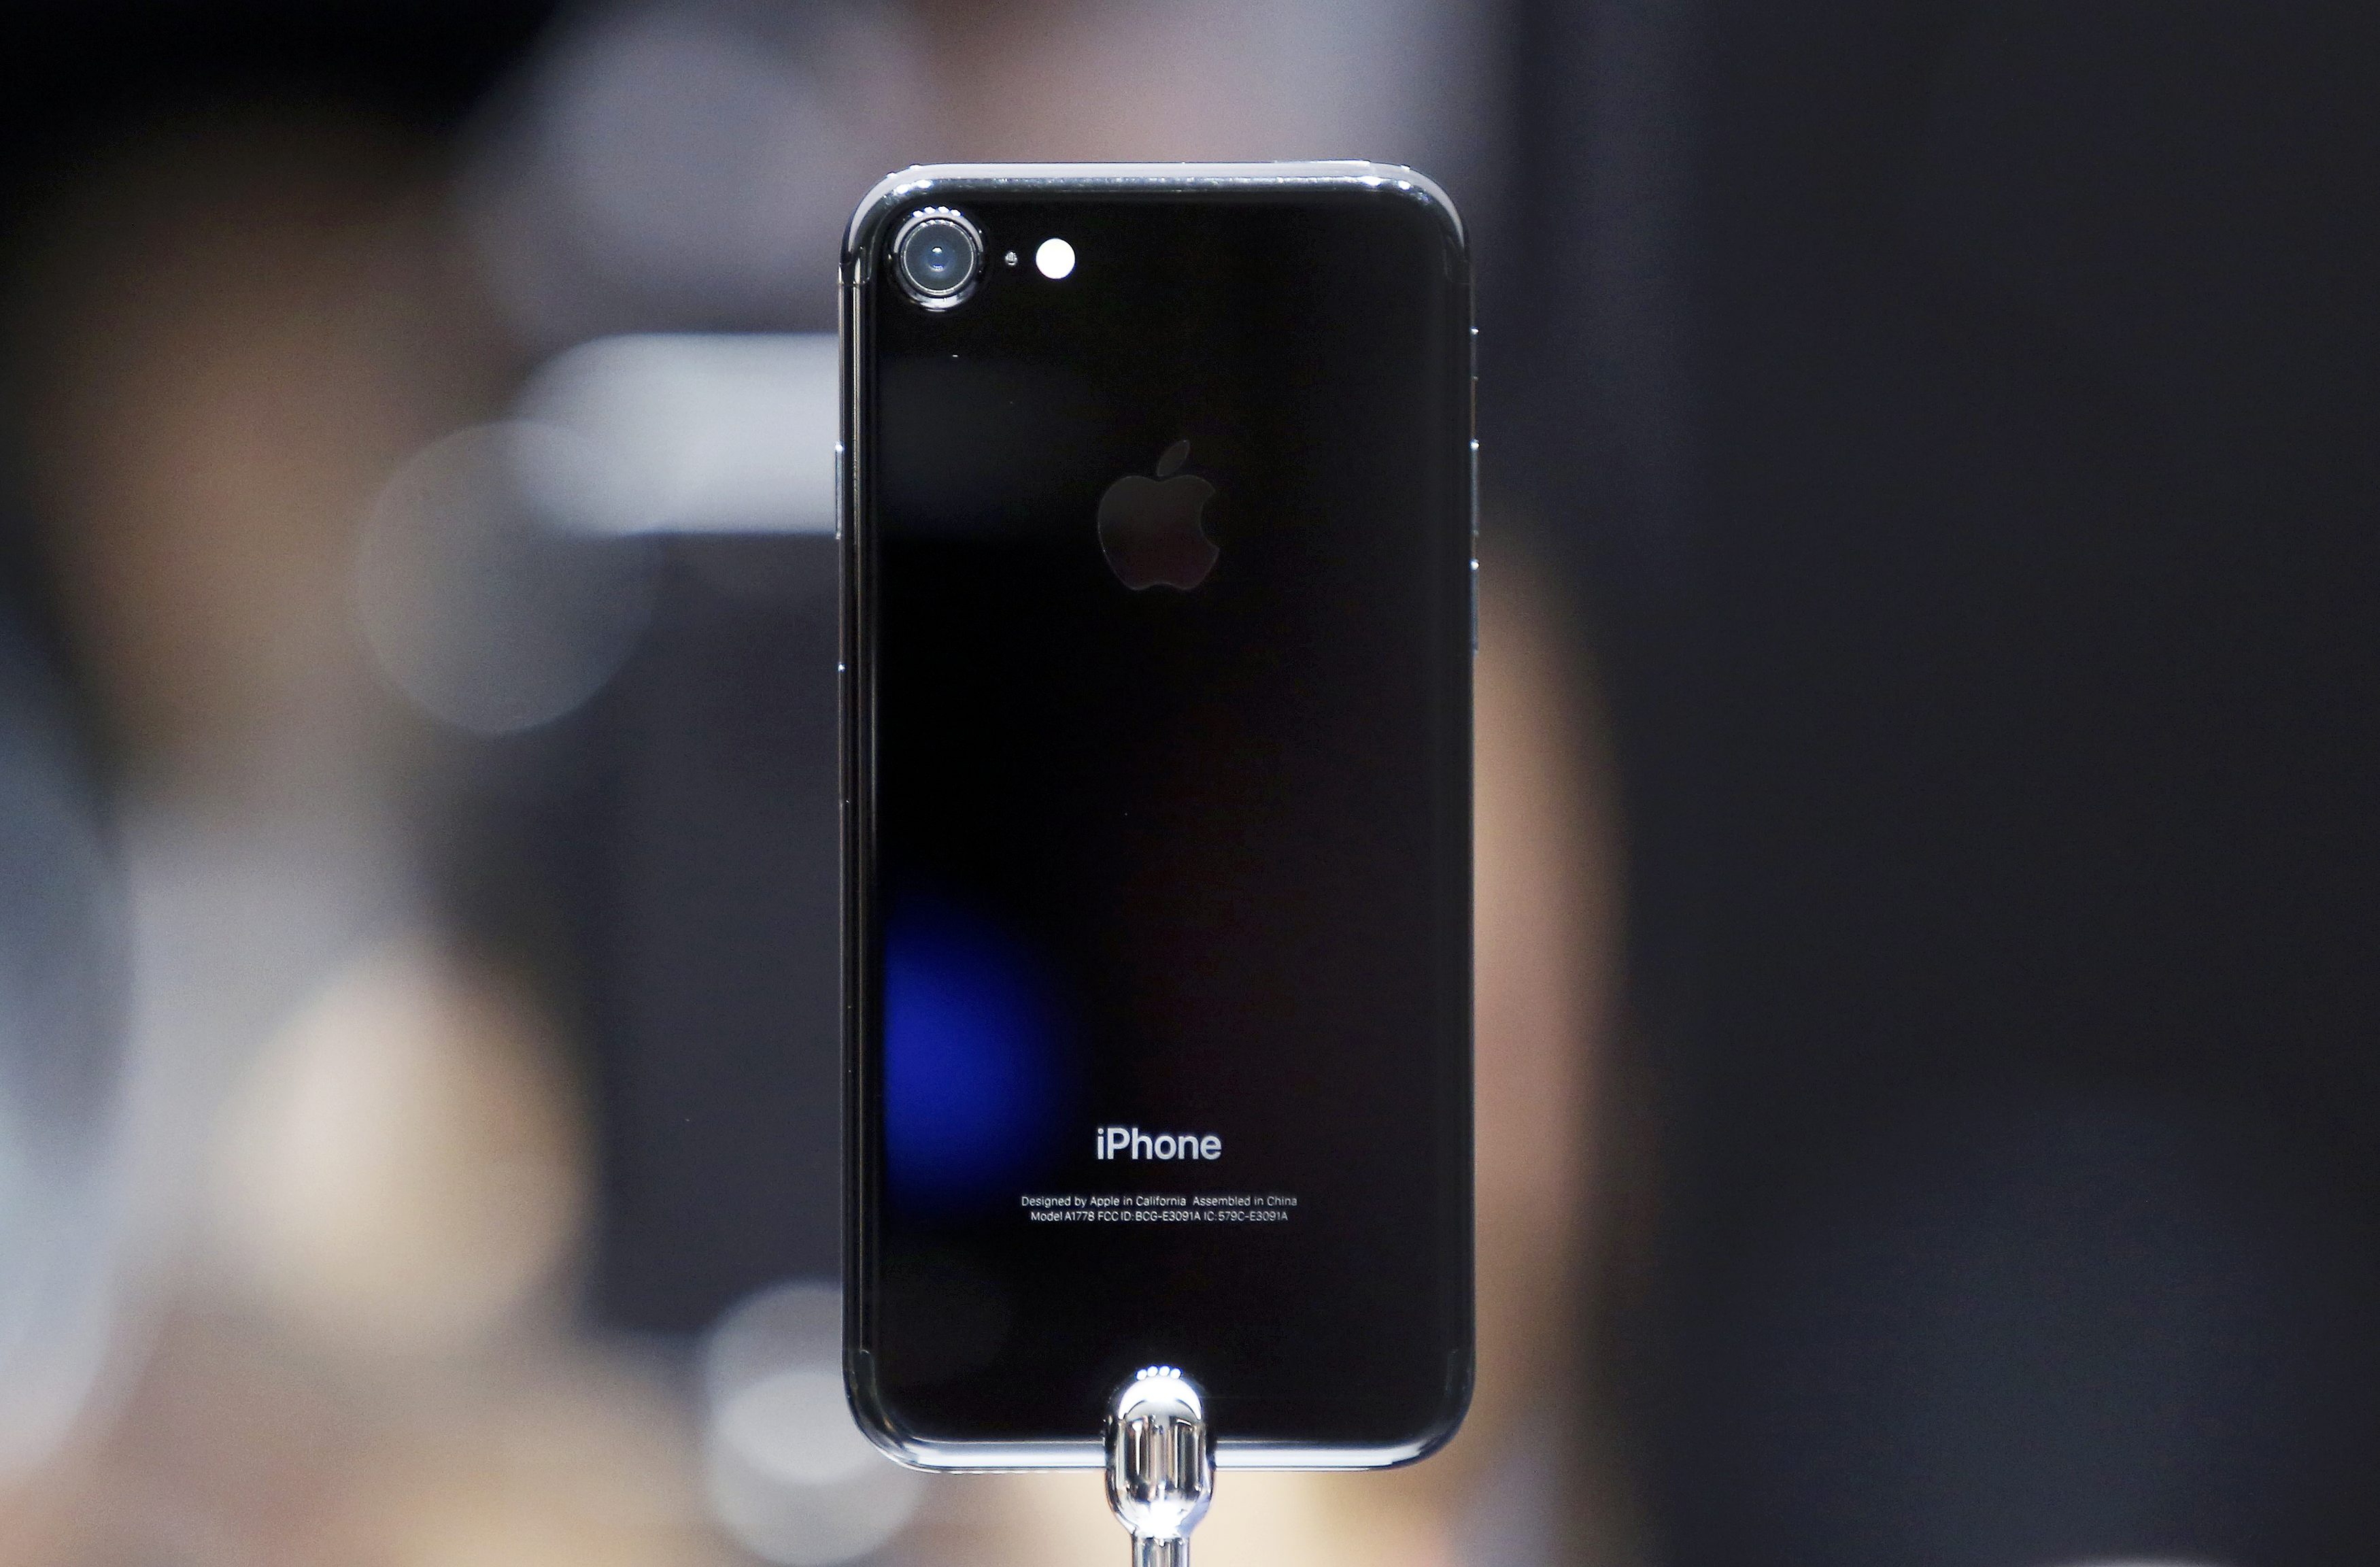 اپل آیفون 8 در DXOMark بررسی شد: ارتقایی مشهود نسبت به آیفون 7